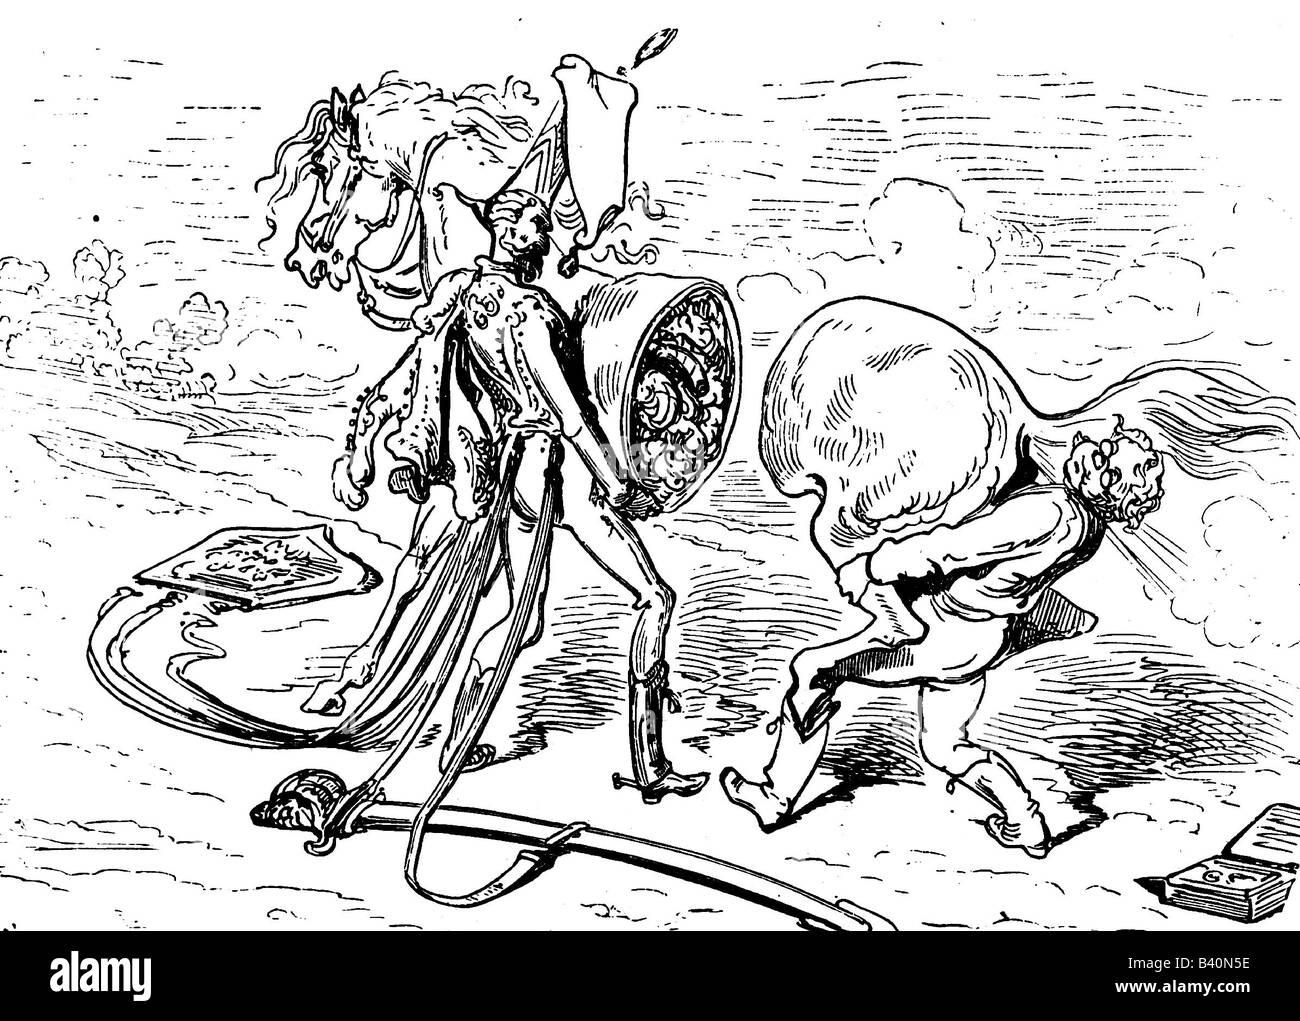 Münchhausen, Baron Karl Friedrich Hieronymus, Freiherr von, 11.5.1720 - 22.2.1797, scene from his adventures: repairing horse, wood engraving 19th century, Stock Photo